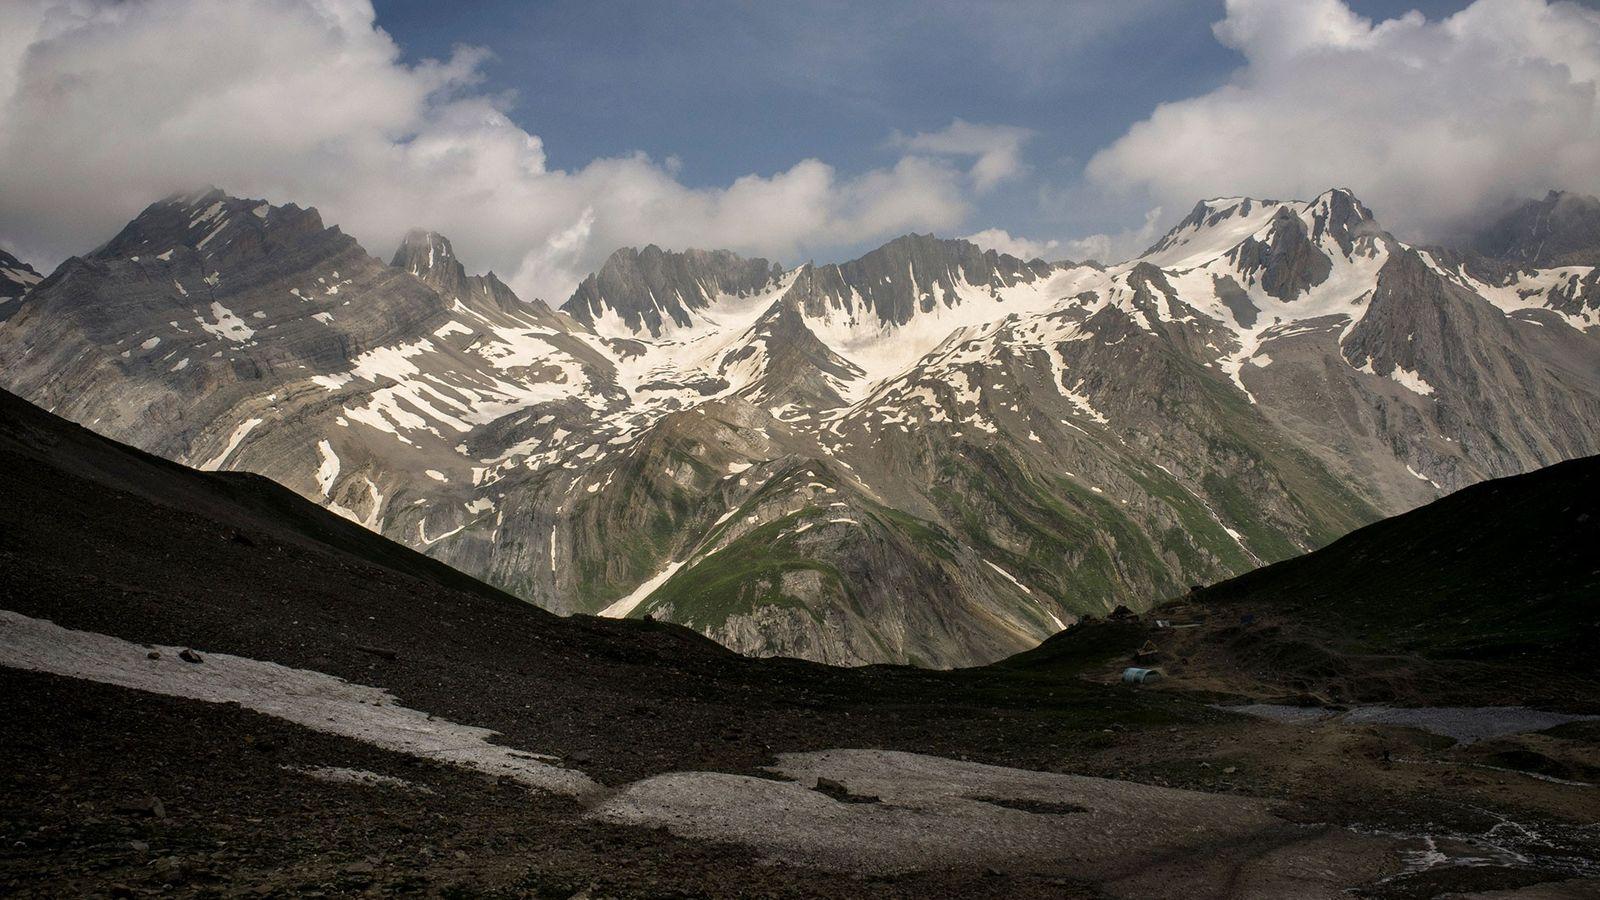 Les glaciers de l'Himalaya, comme celui-ci situé le long du chemin de randonnée Amarnath au Cachemire, ...